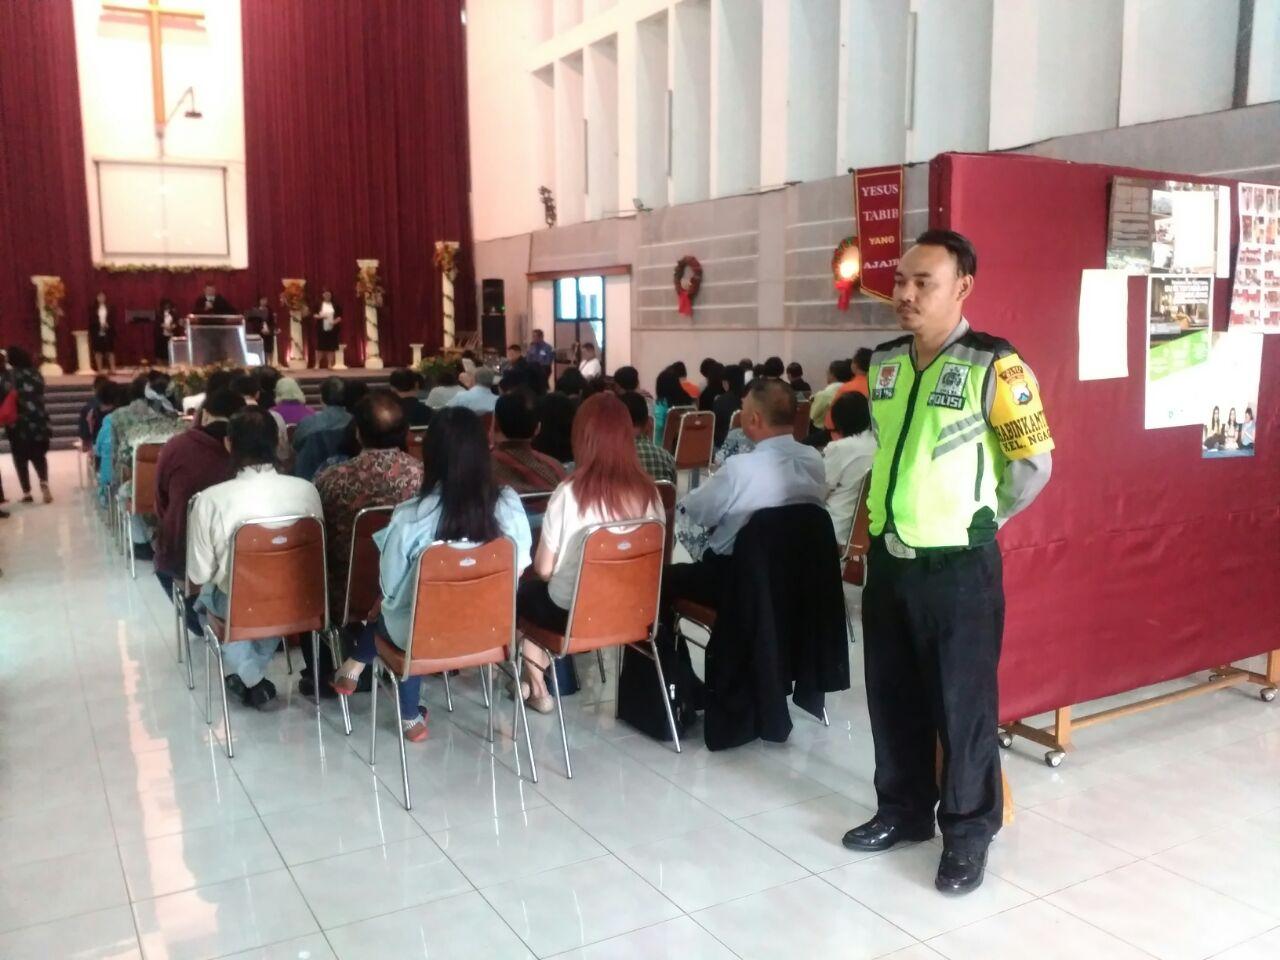 Anggota Polsek Batu Kota Polres Batu Bantu Melakukan Giat Pengamanan Ibadah Di Gereja Guna Berikan Rasa Aman Saan Beribadah